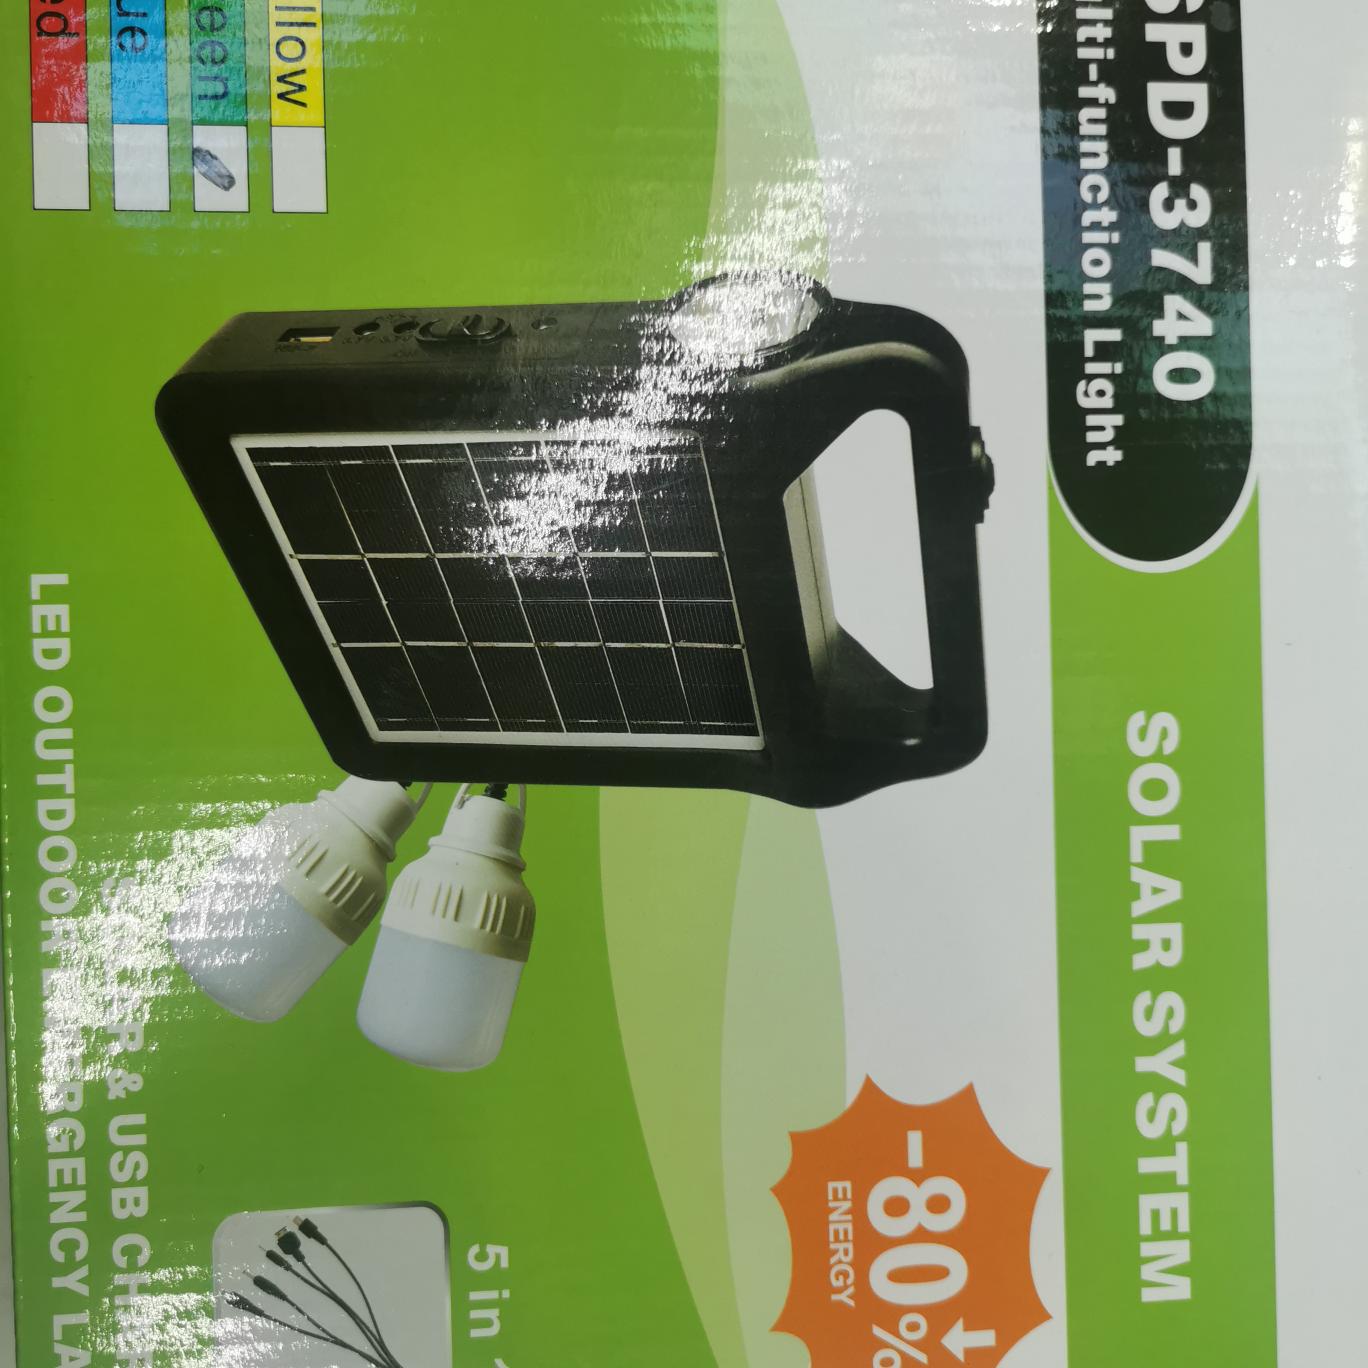 煊威太阳能户外照明套装四灯灯多功能多颜色提灯式